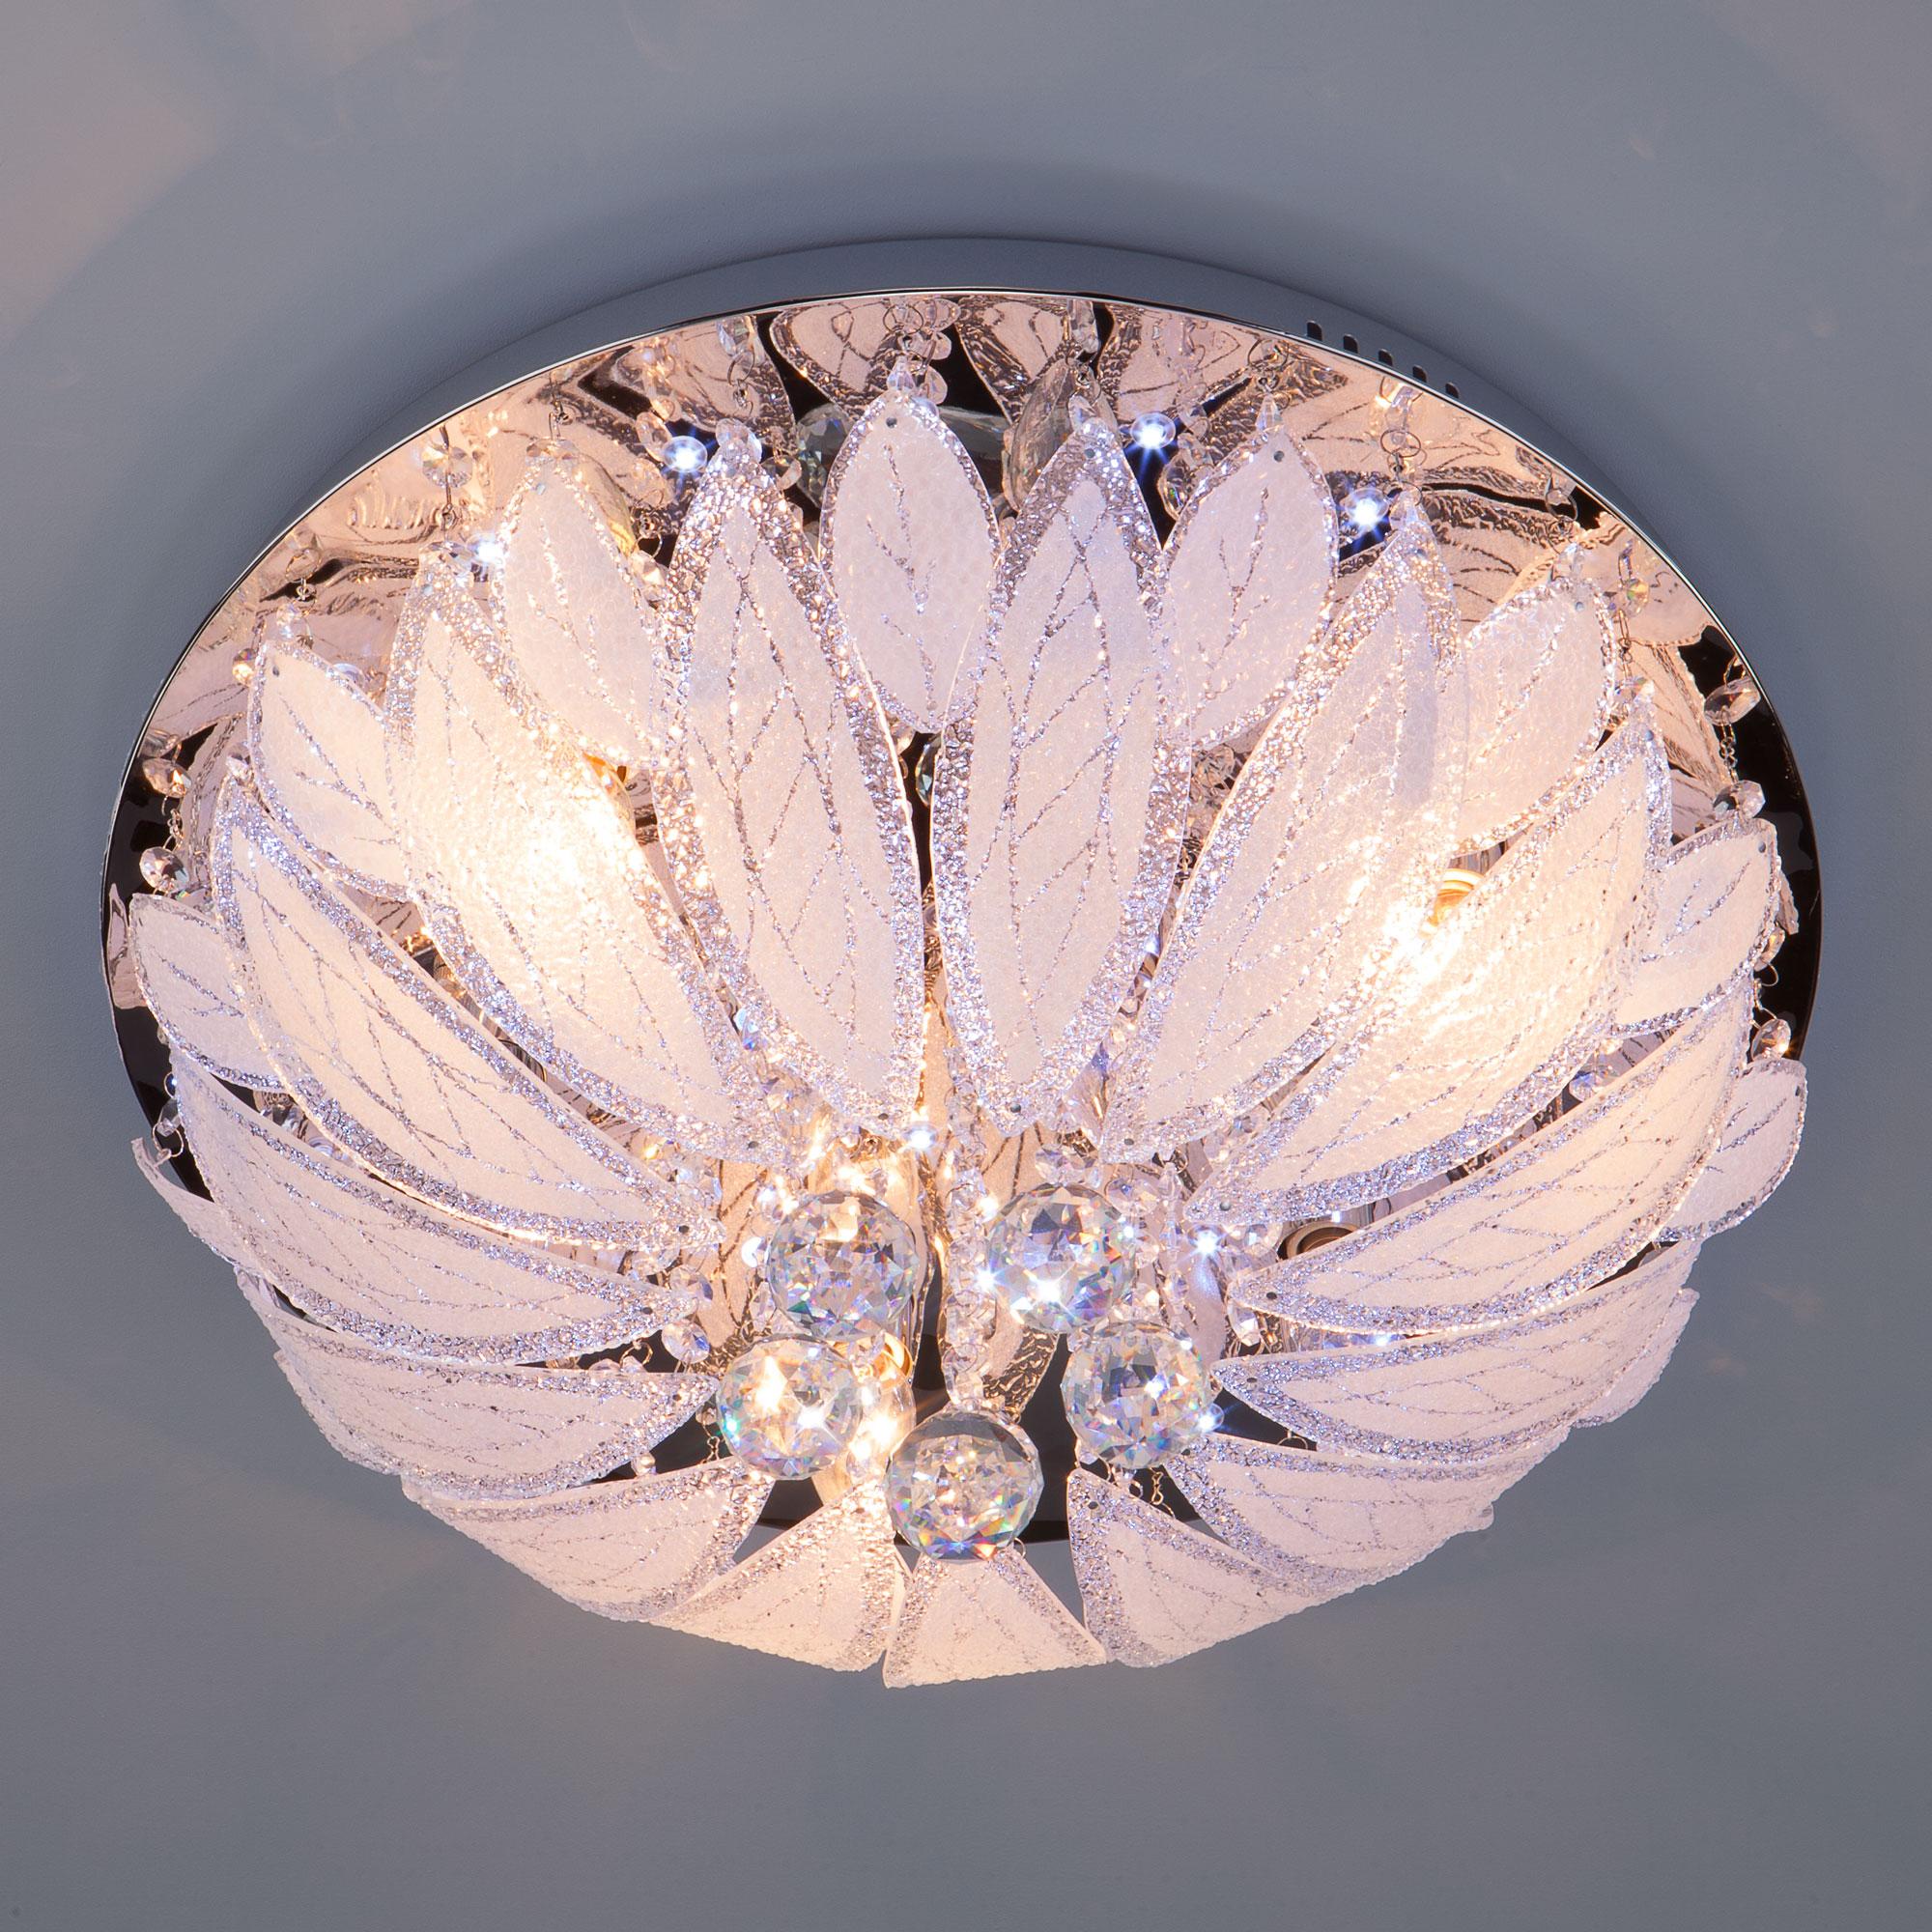 люстры на кухню для натяжных потолков фото